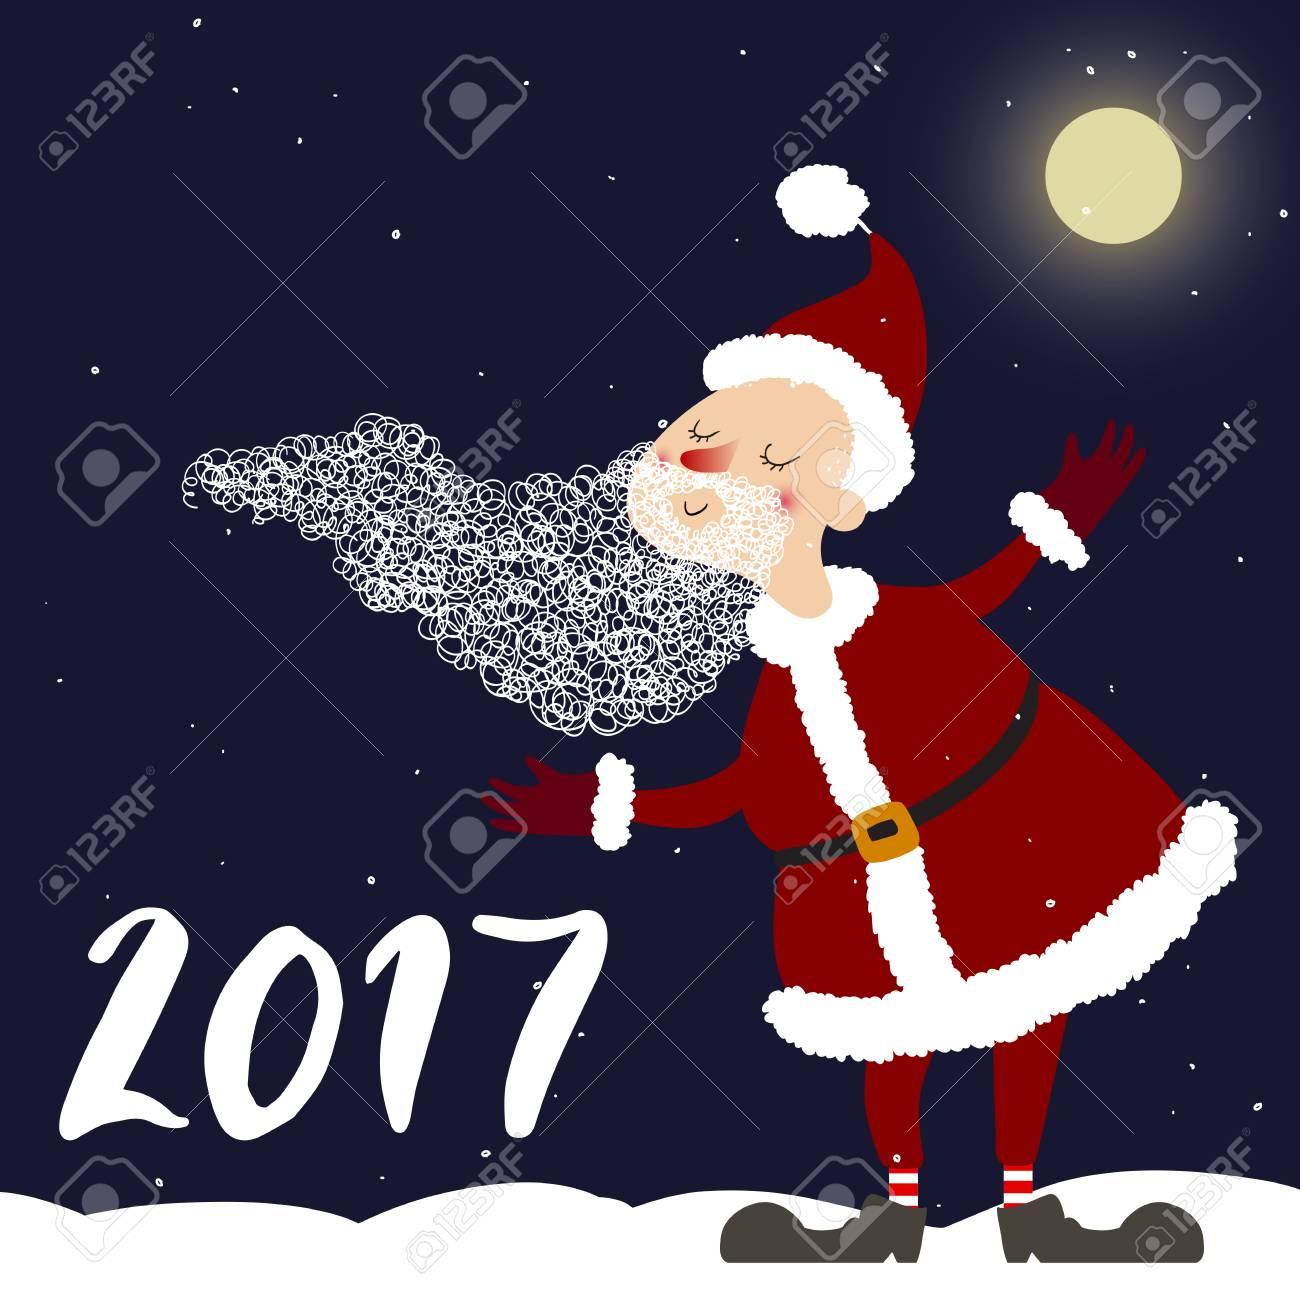 Vector Art 2017 Année Avec Dessin Animé Mignon Père Noël Perfectionnez Pour L Invitation Les Cartes Postales Les Bannières Les Cartes De Voeux Et